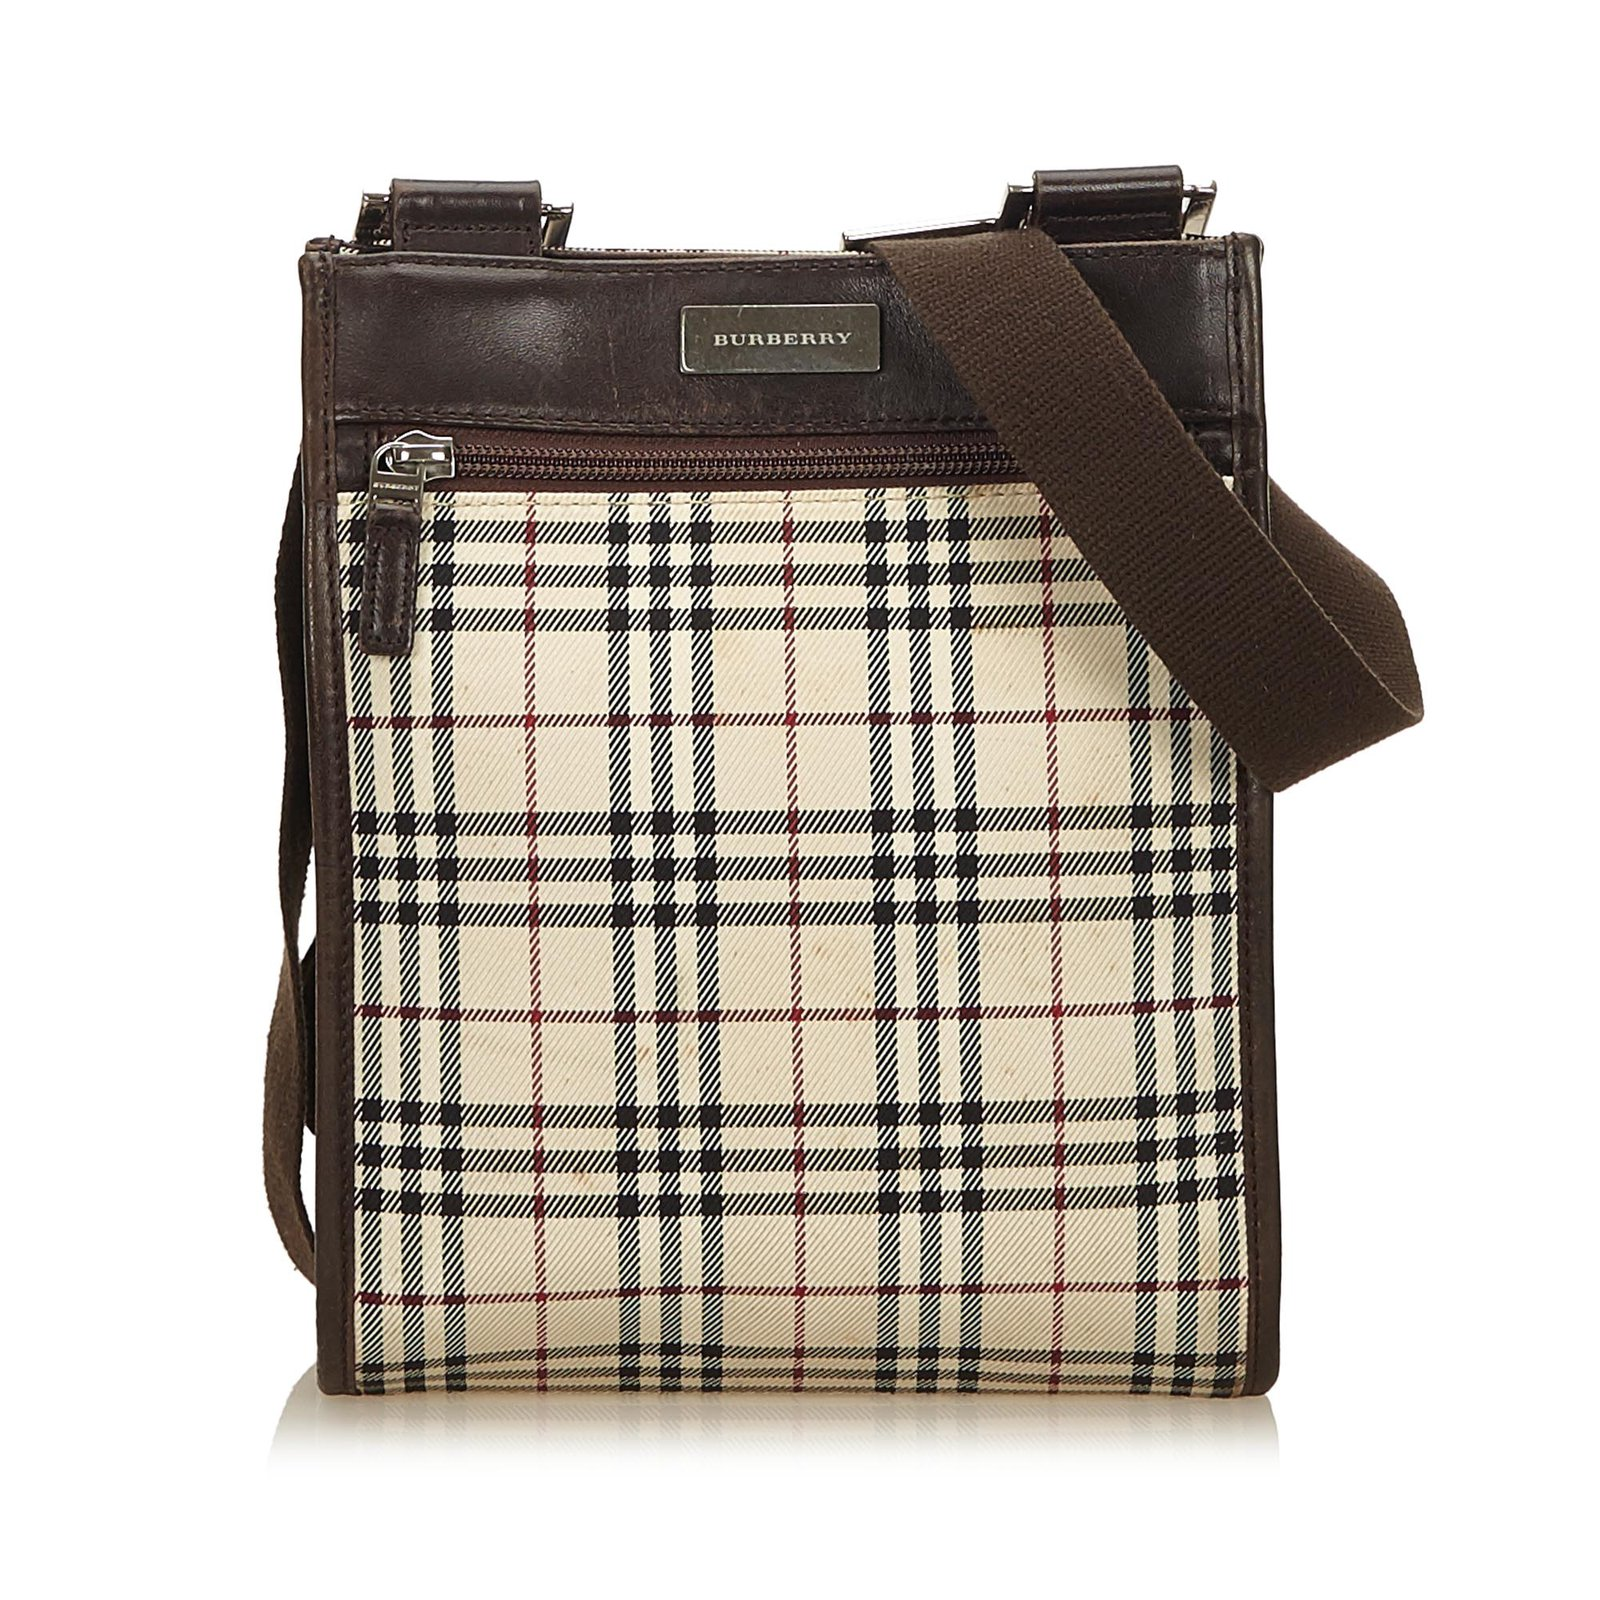 1ce9fd9650b0 Burberry Plaid Coated Canvas Crossbody Bag Handbags Leather